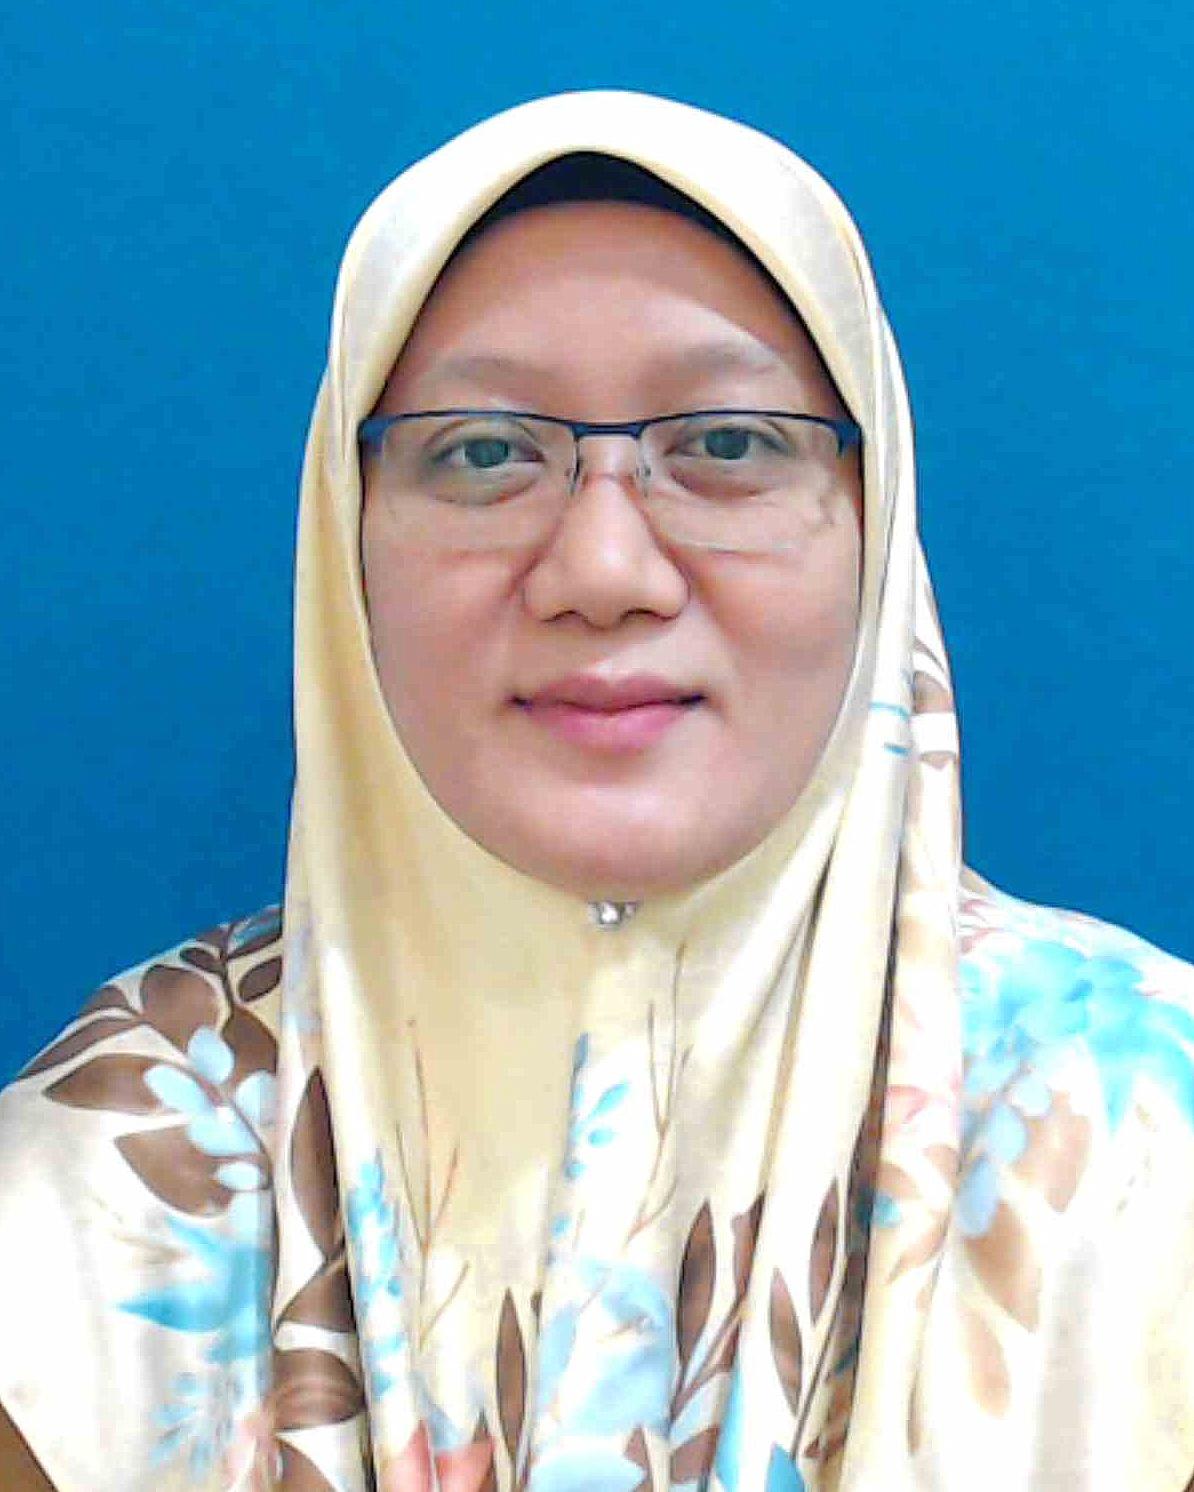 Hanizah Bt. Noor Awalludin